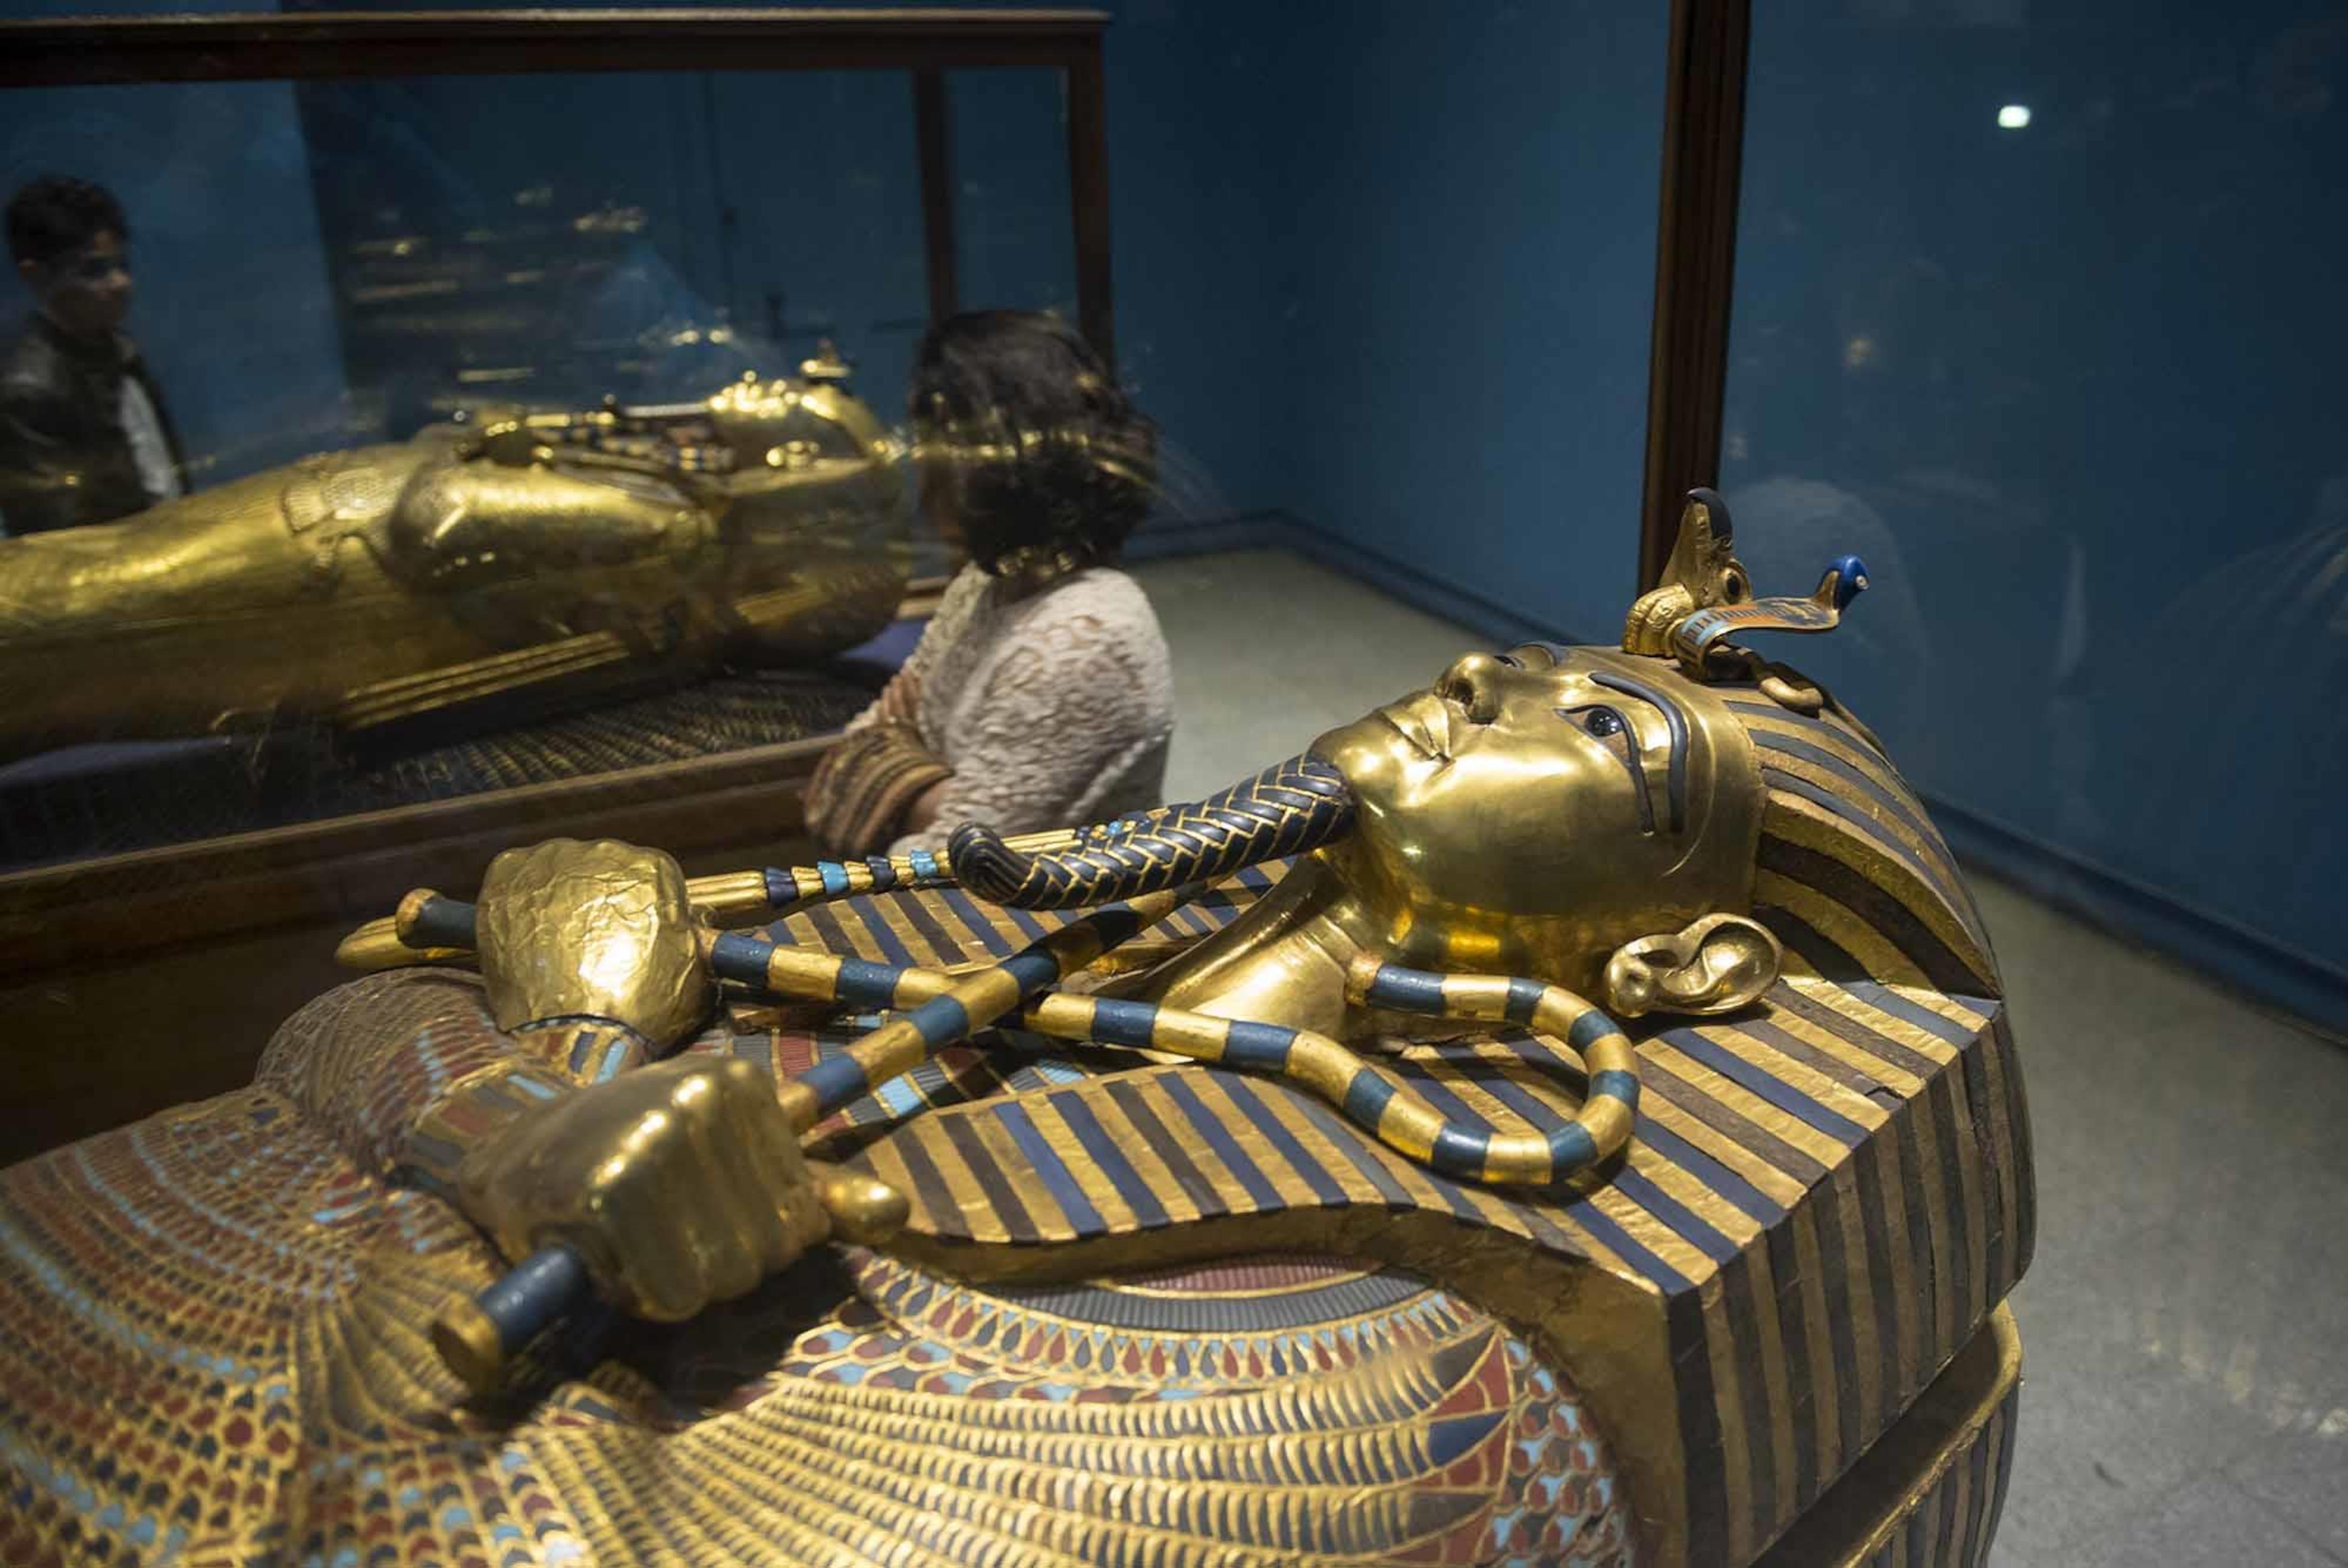 Un sarcophage égyptien est exposé dans un musée.